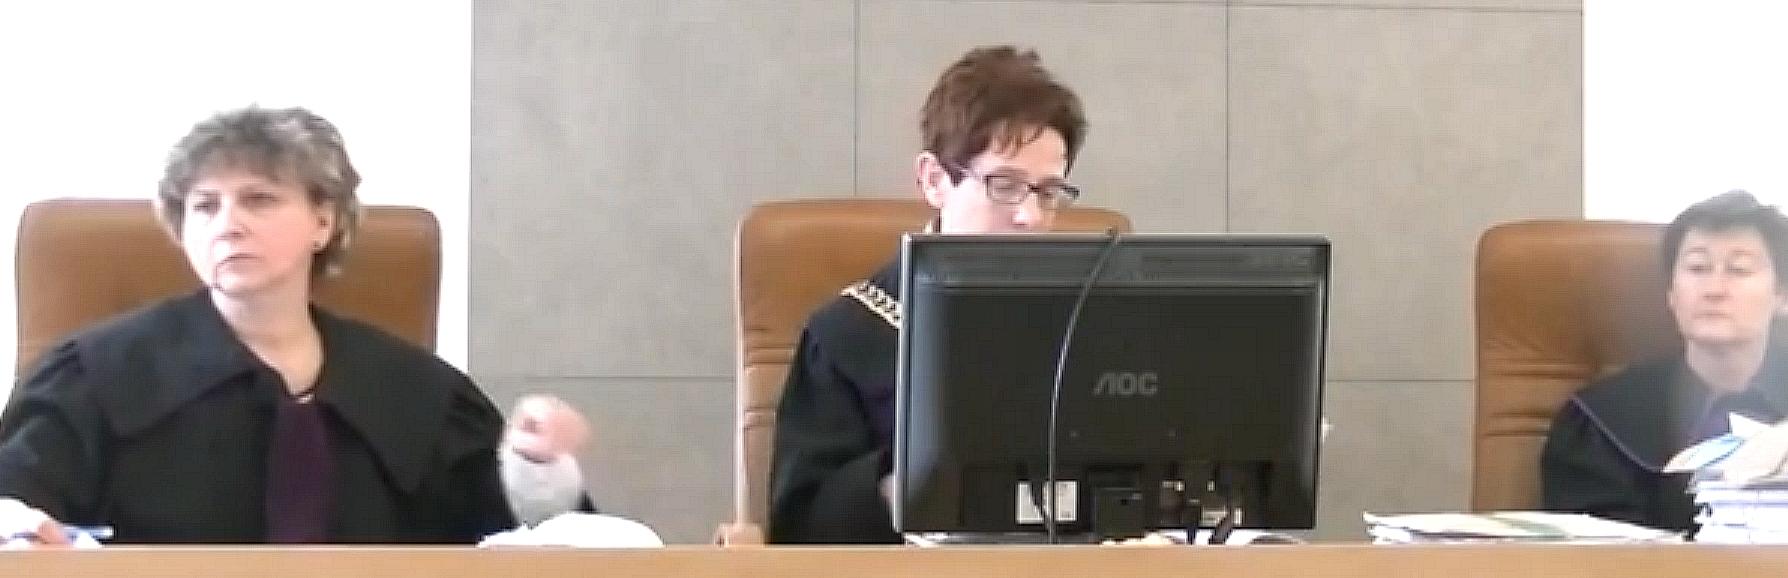 Jawność w sądzie w Bytomiu